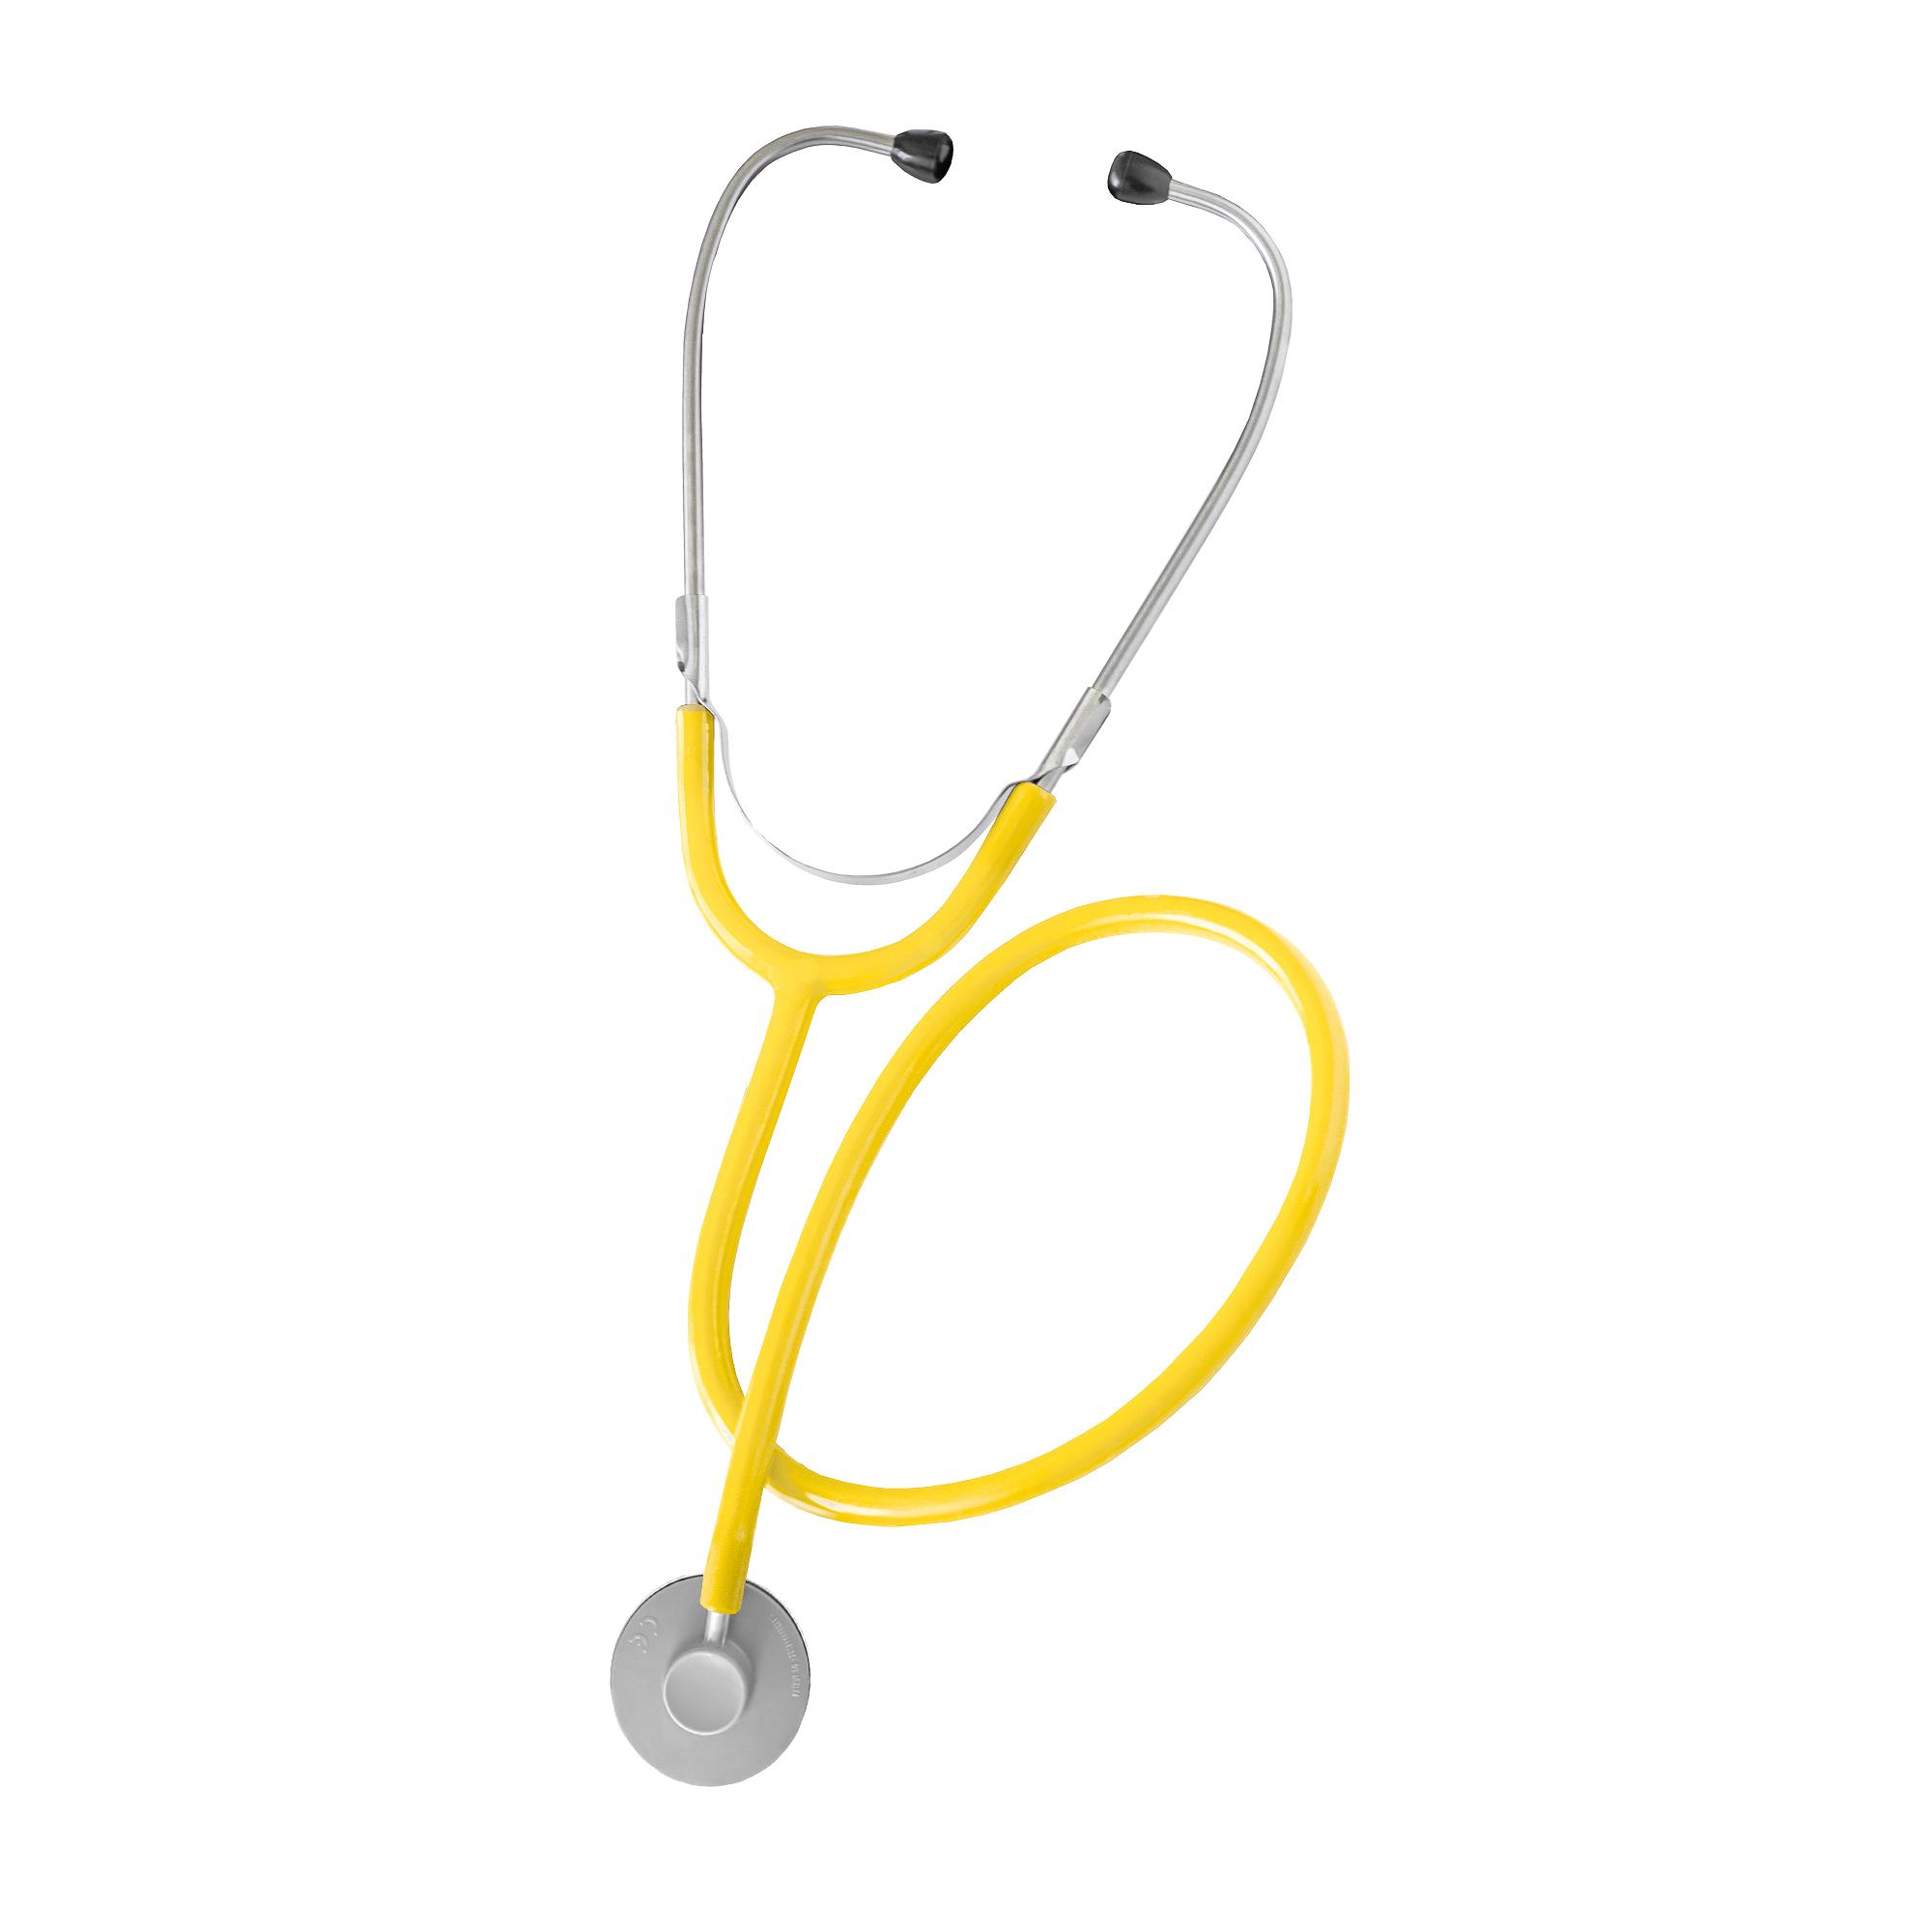 Flachkopf Stethoskop - gelb